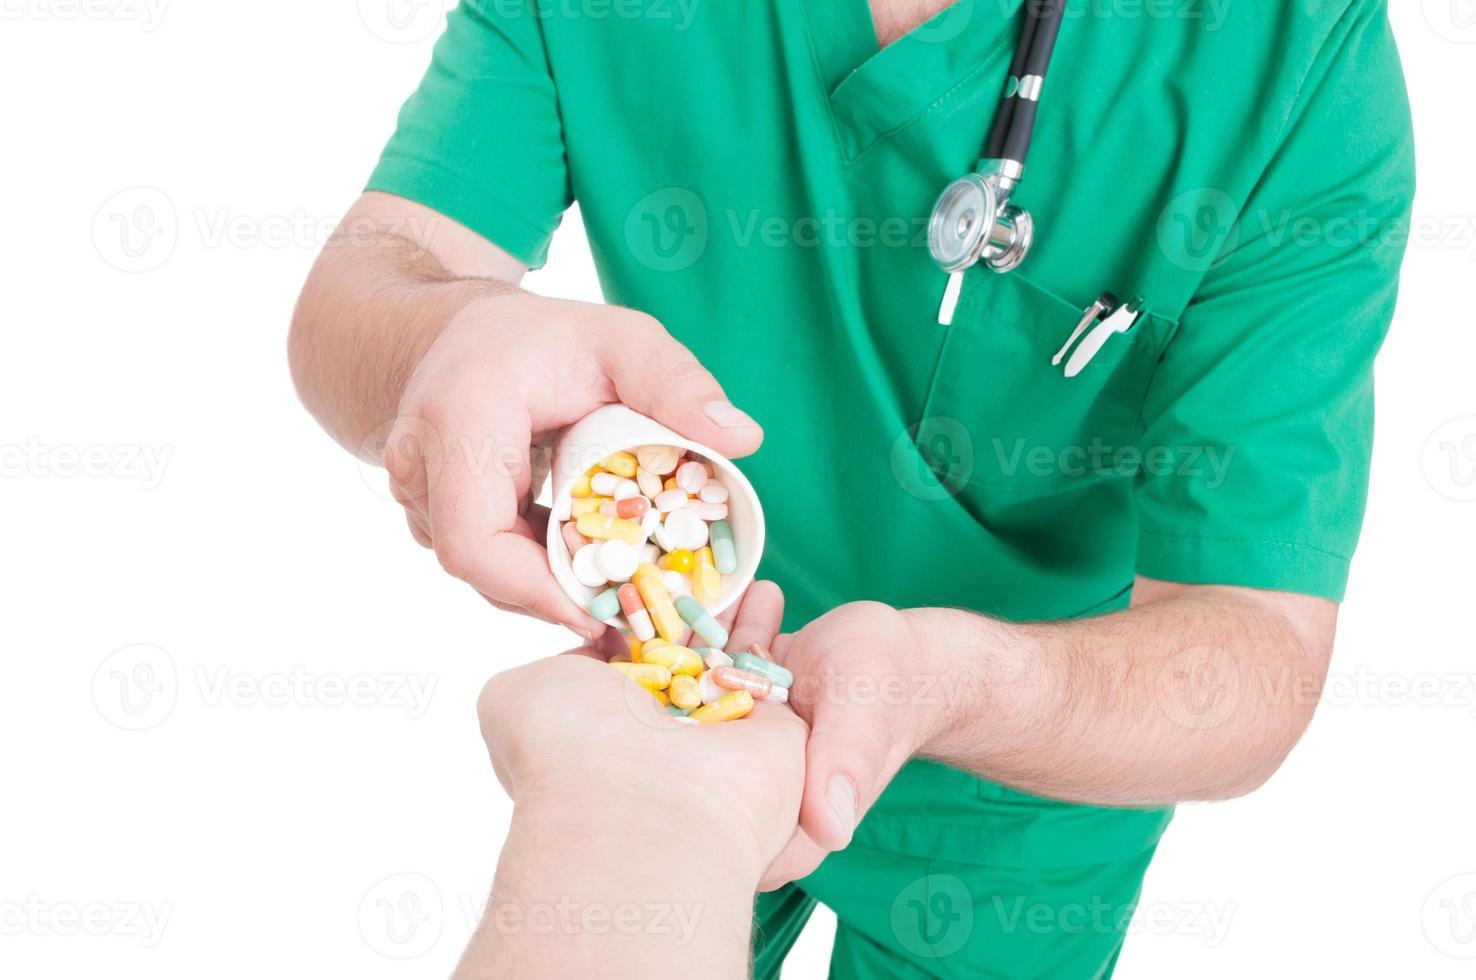 Arzt, Sanitäter oder Apotheker gießen Pillen in die Hand des Patienten foto